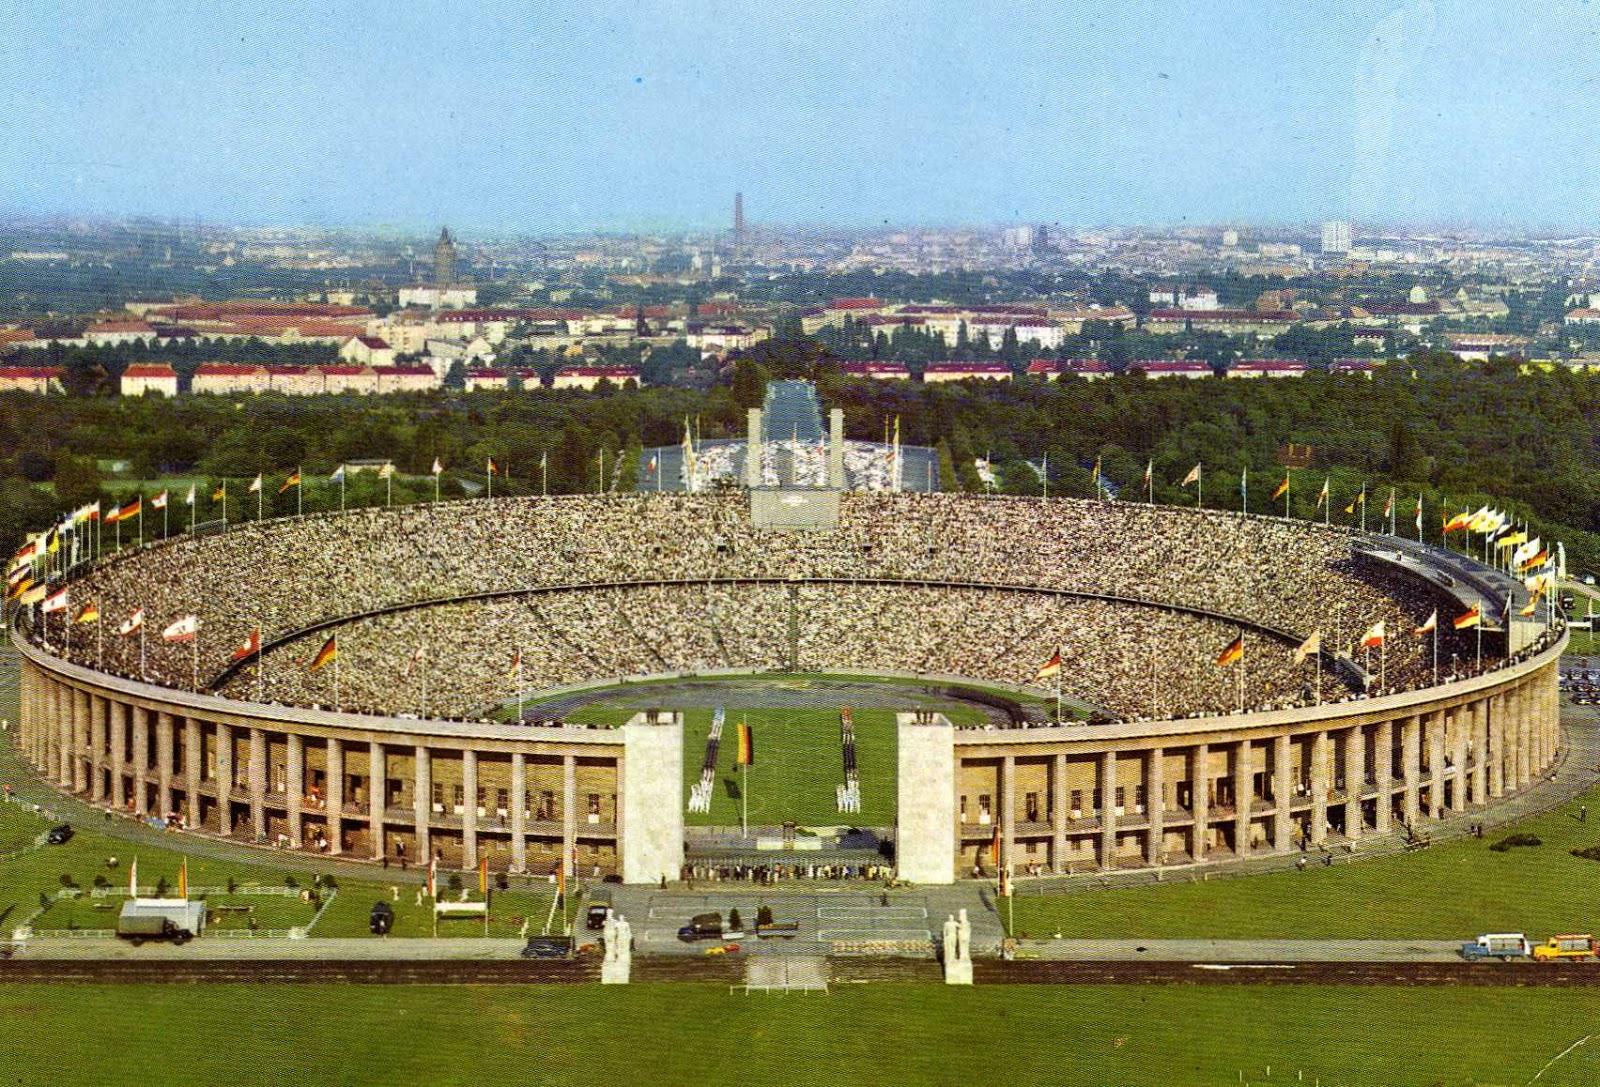 Umbau Olympiastadion Berlin